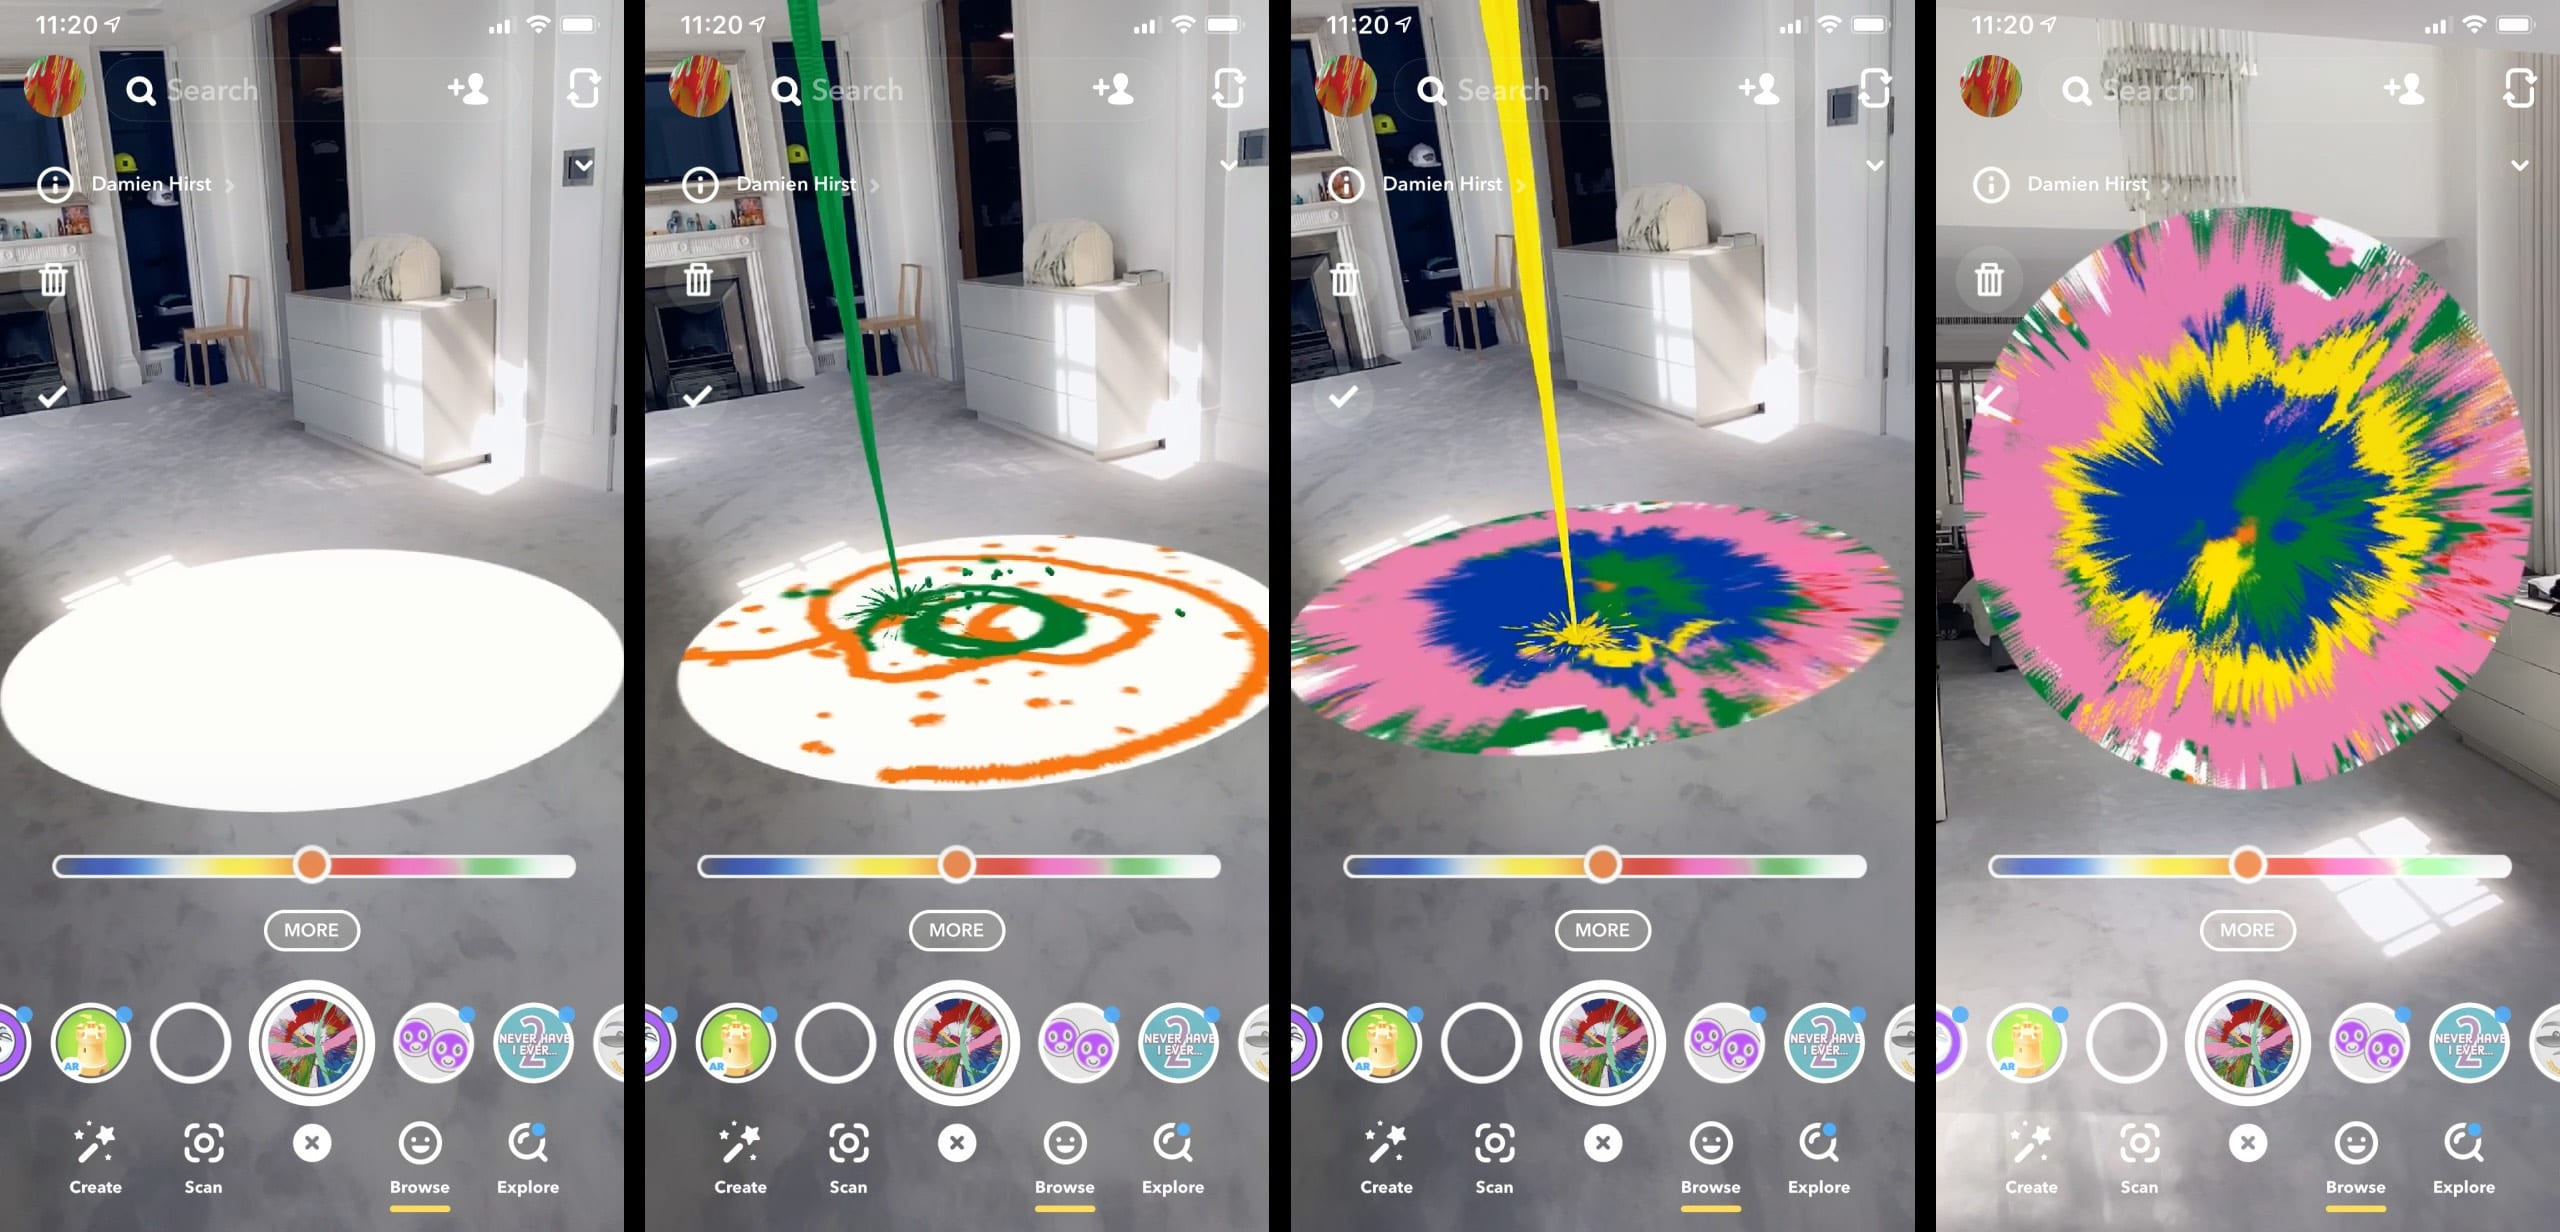 Дэмиен Херст совместно со Snapchat выпустили новый плагин для приложения